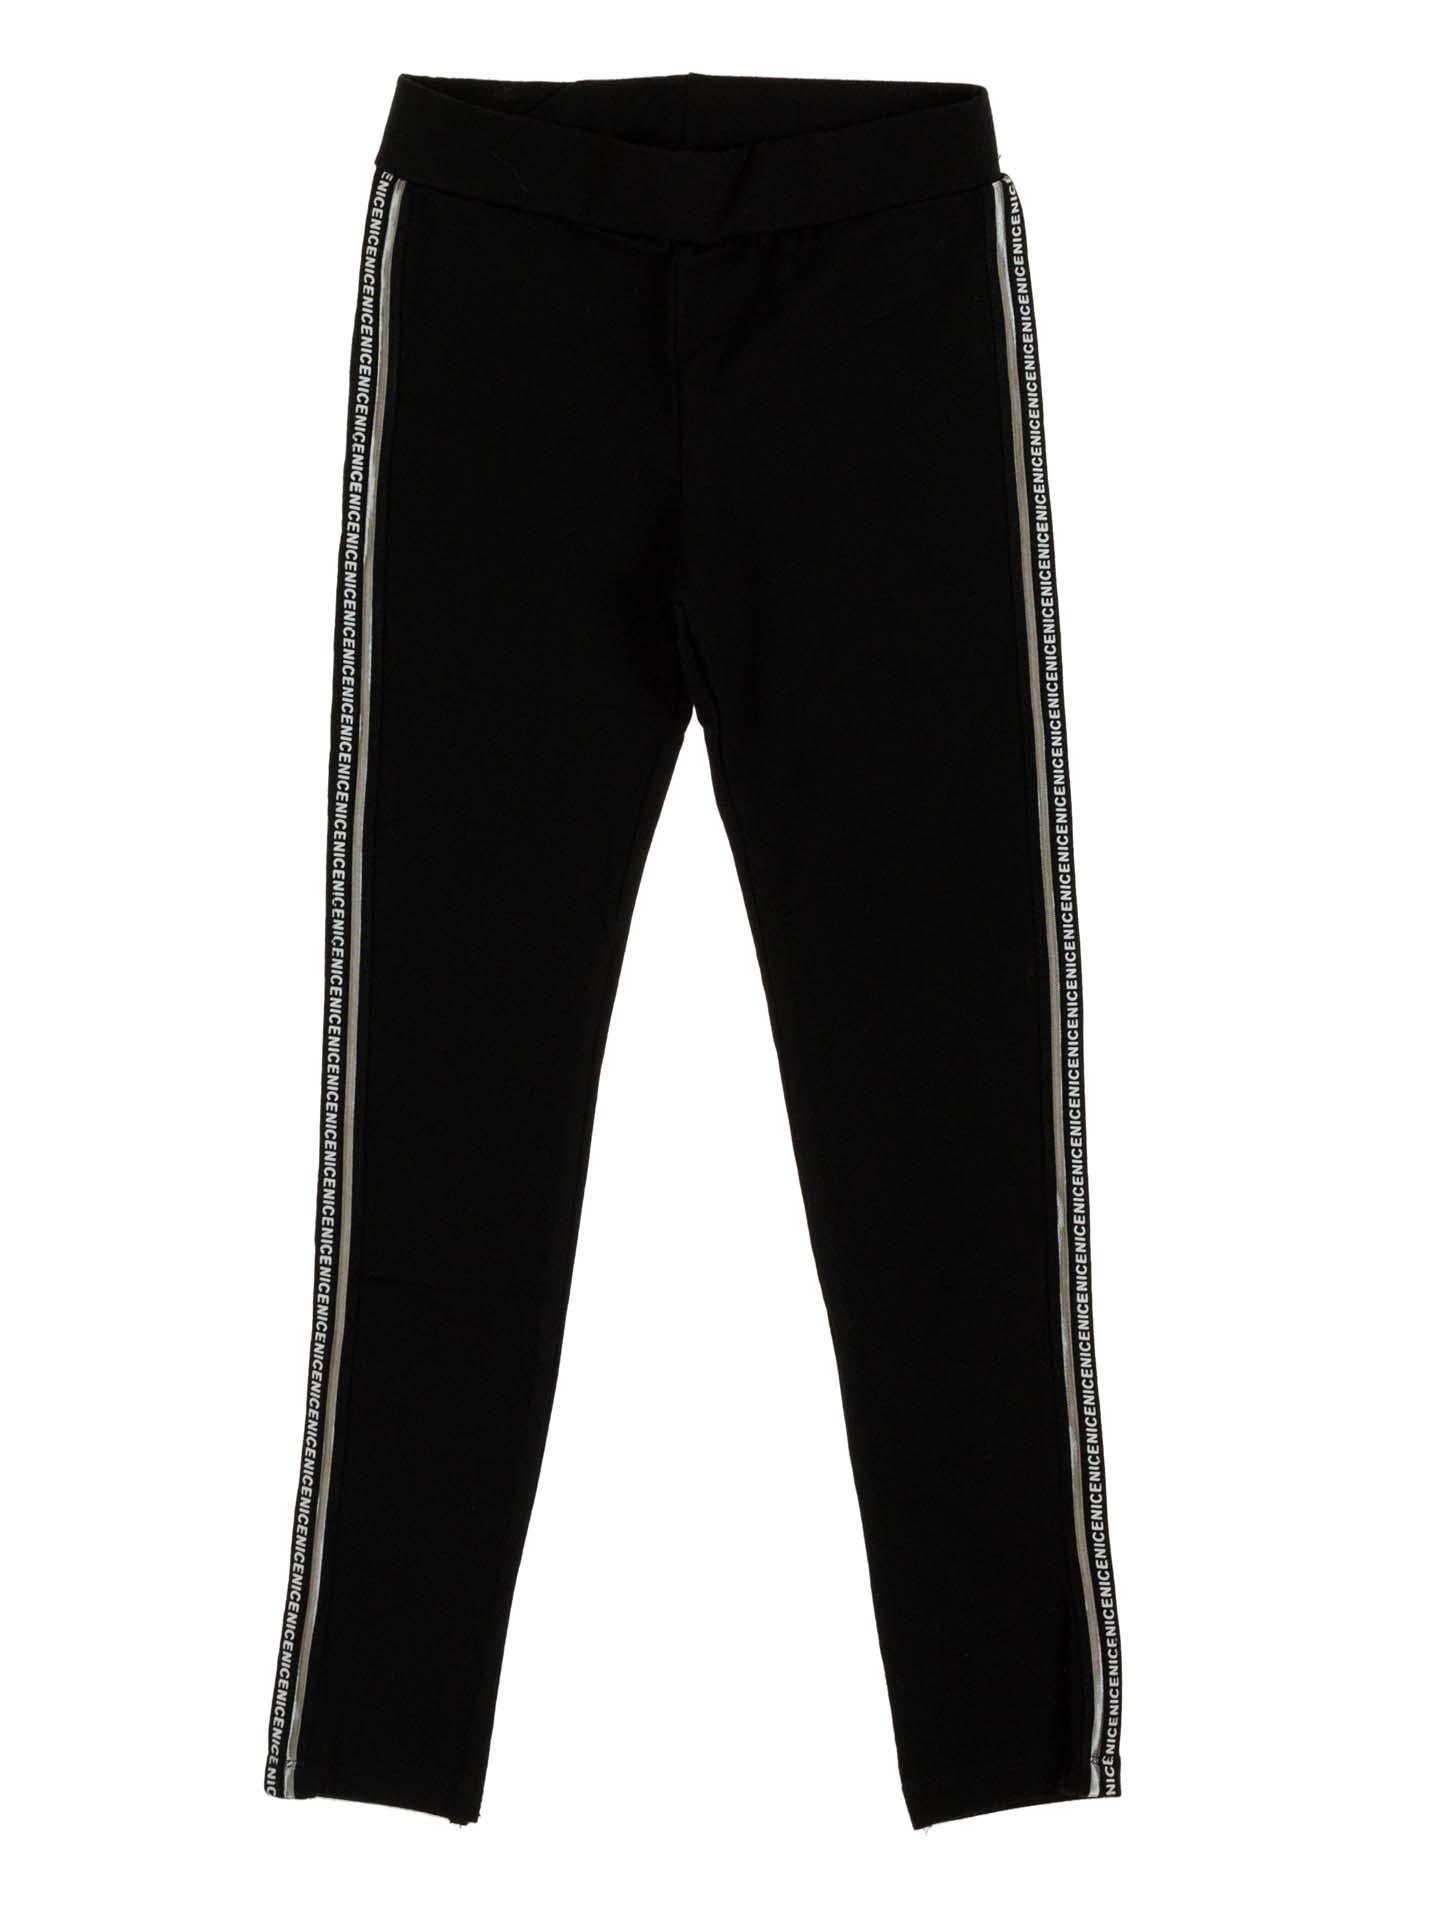 Зручні чорні штани на дівчинку ... 3e3971aeb8384